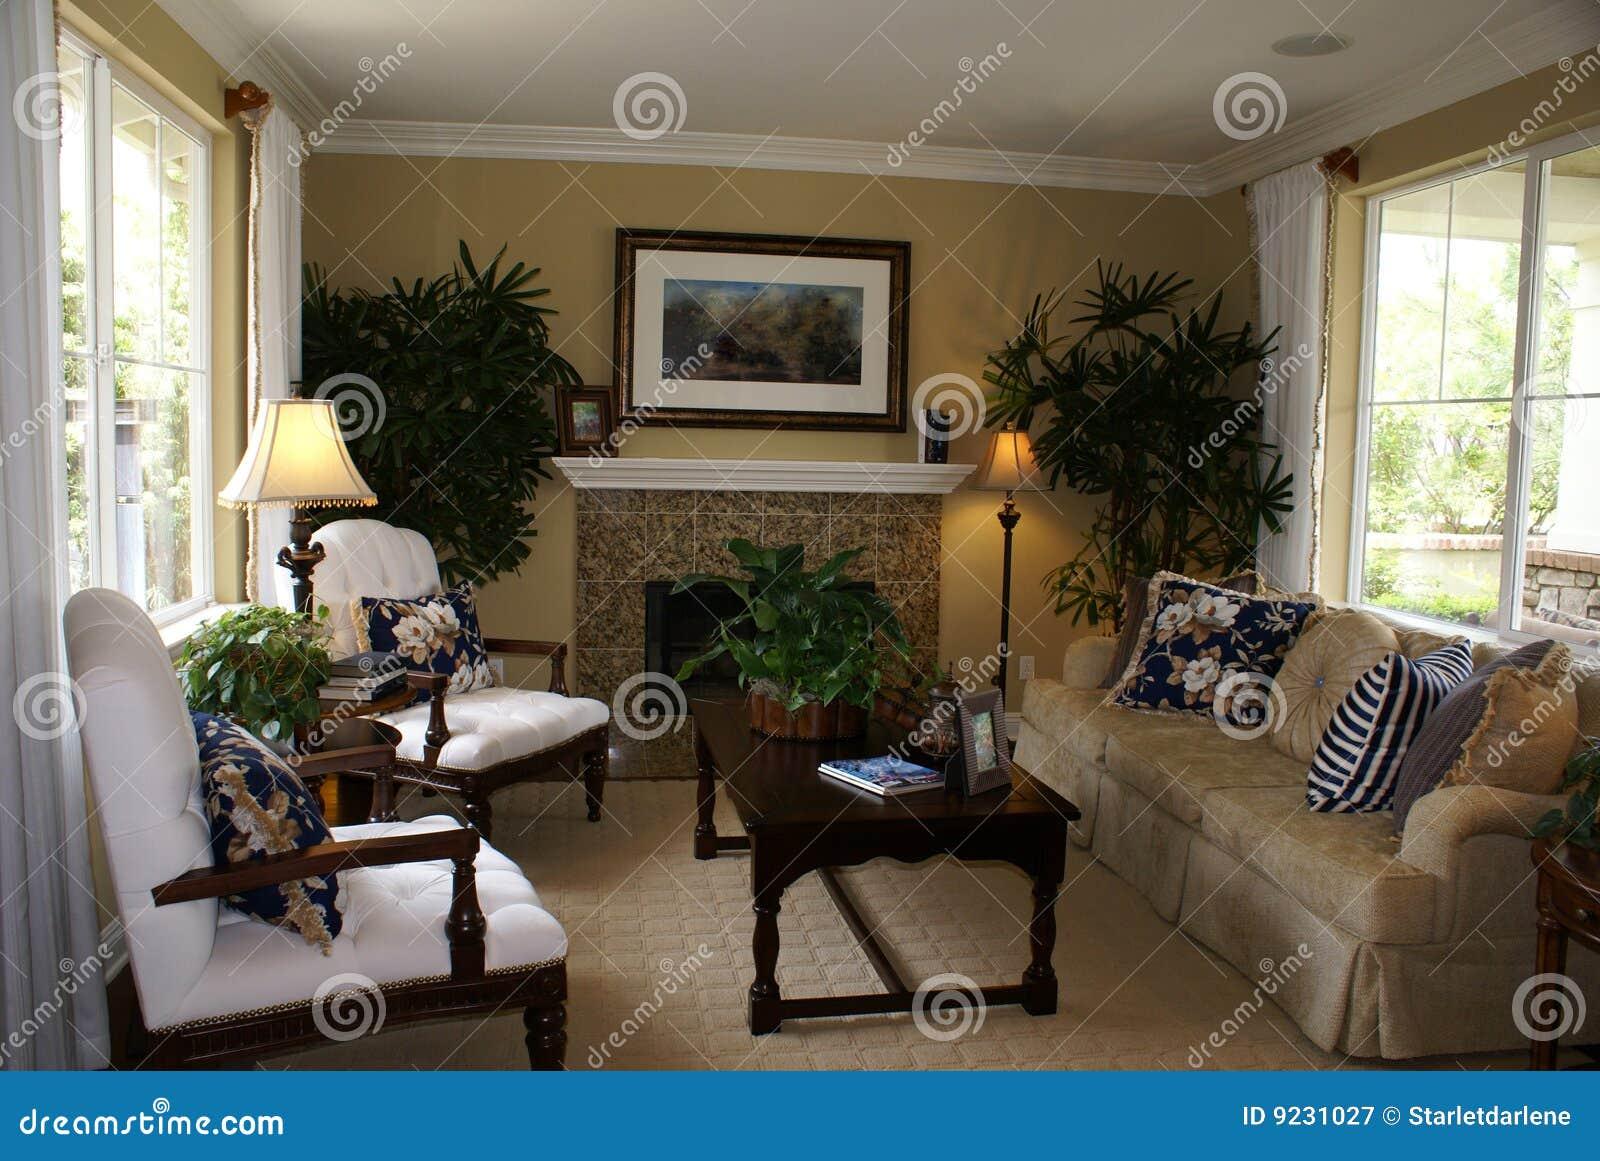 mooie woonkamer royalty-vrije stock fotografie - afbeelding: 9231027, Deco ideeën